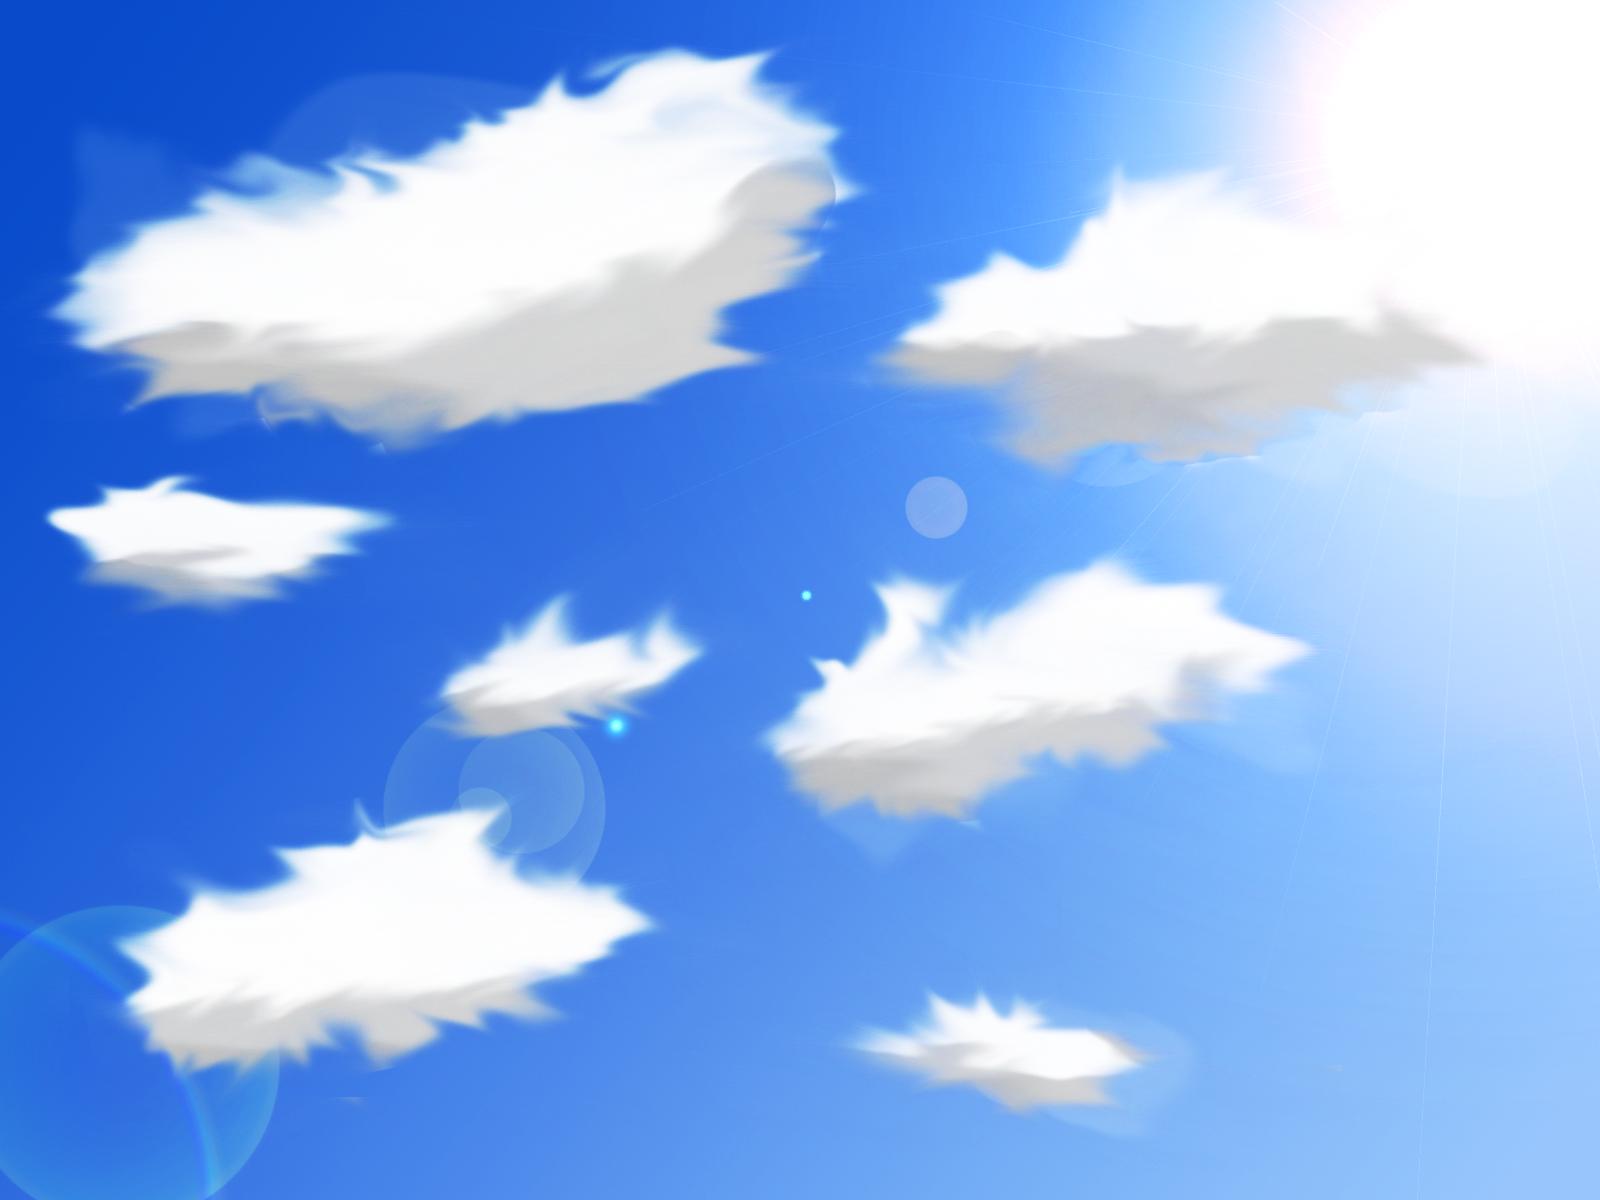 【背景素材2】雲1